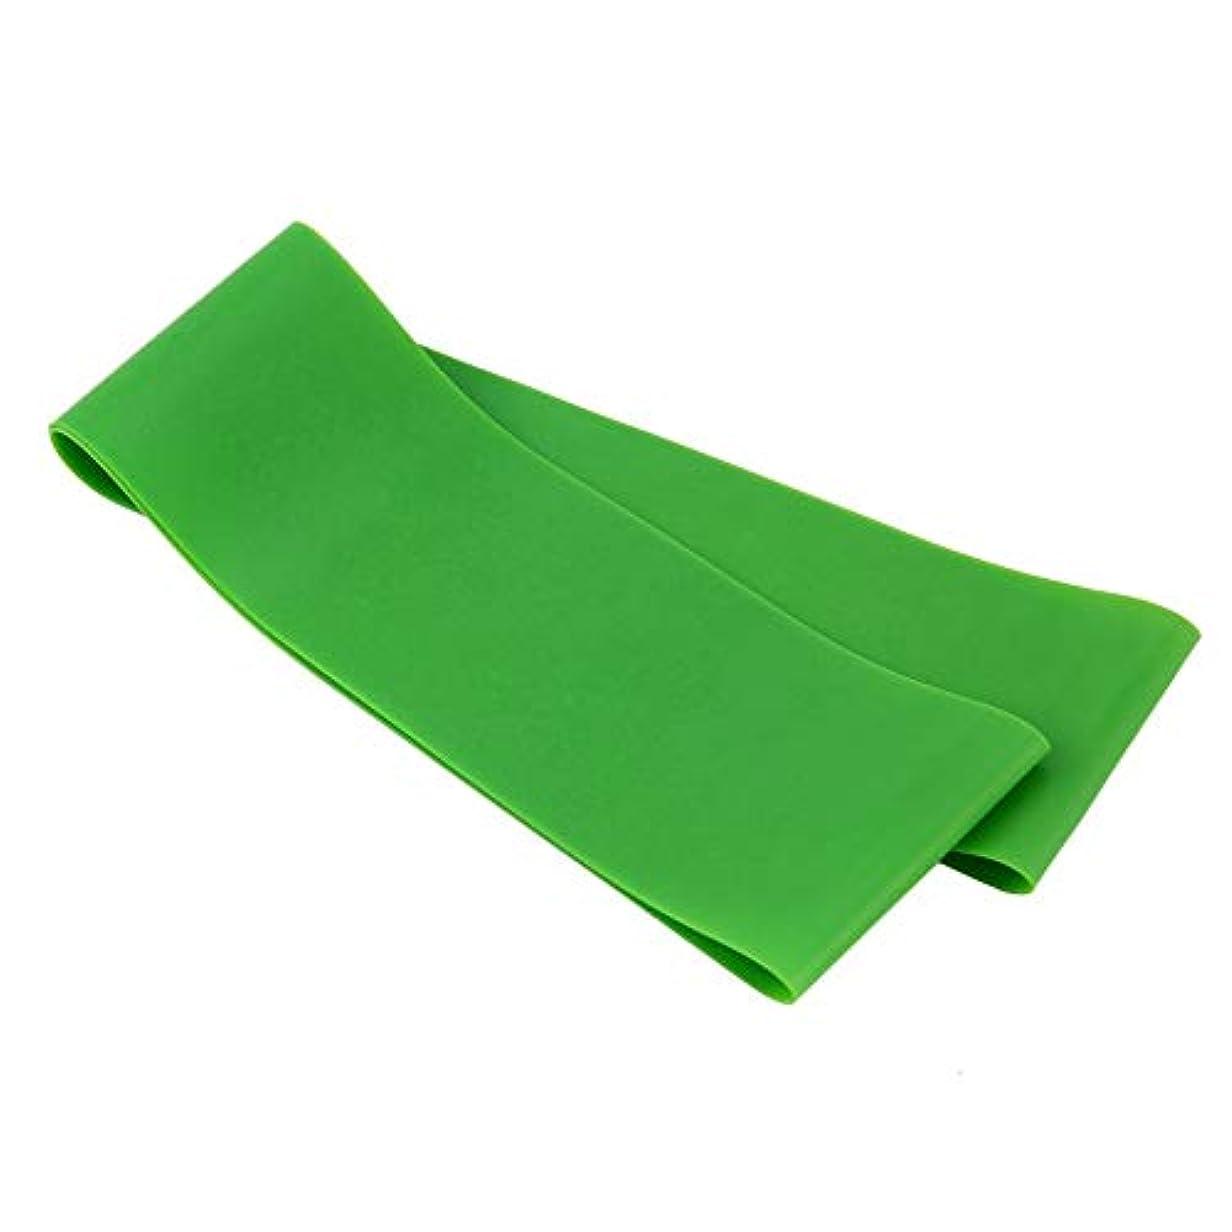 対応精通した良心滑り止め伸縮性ゴム弾性ヨガベルトバンドプルロープ張力抵抗バンドループ強度のためのフィットネスヨガツール - グリーン